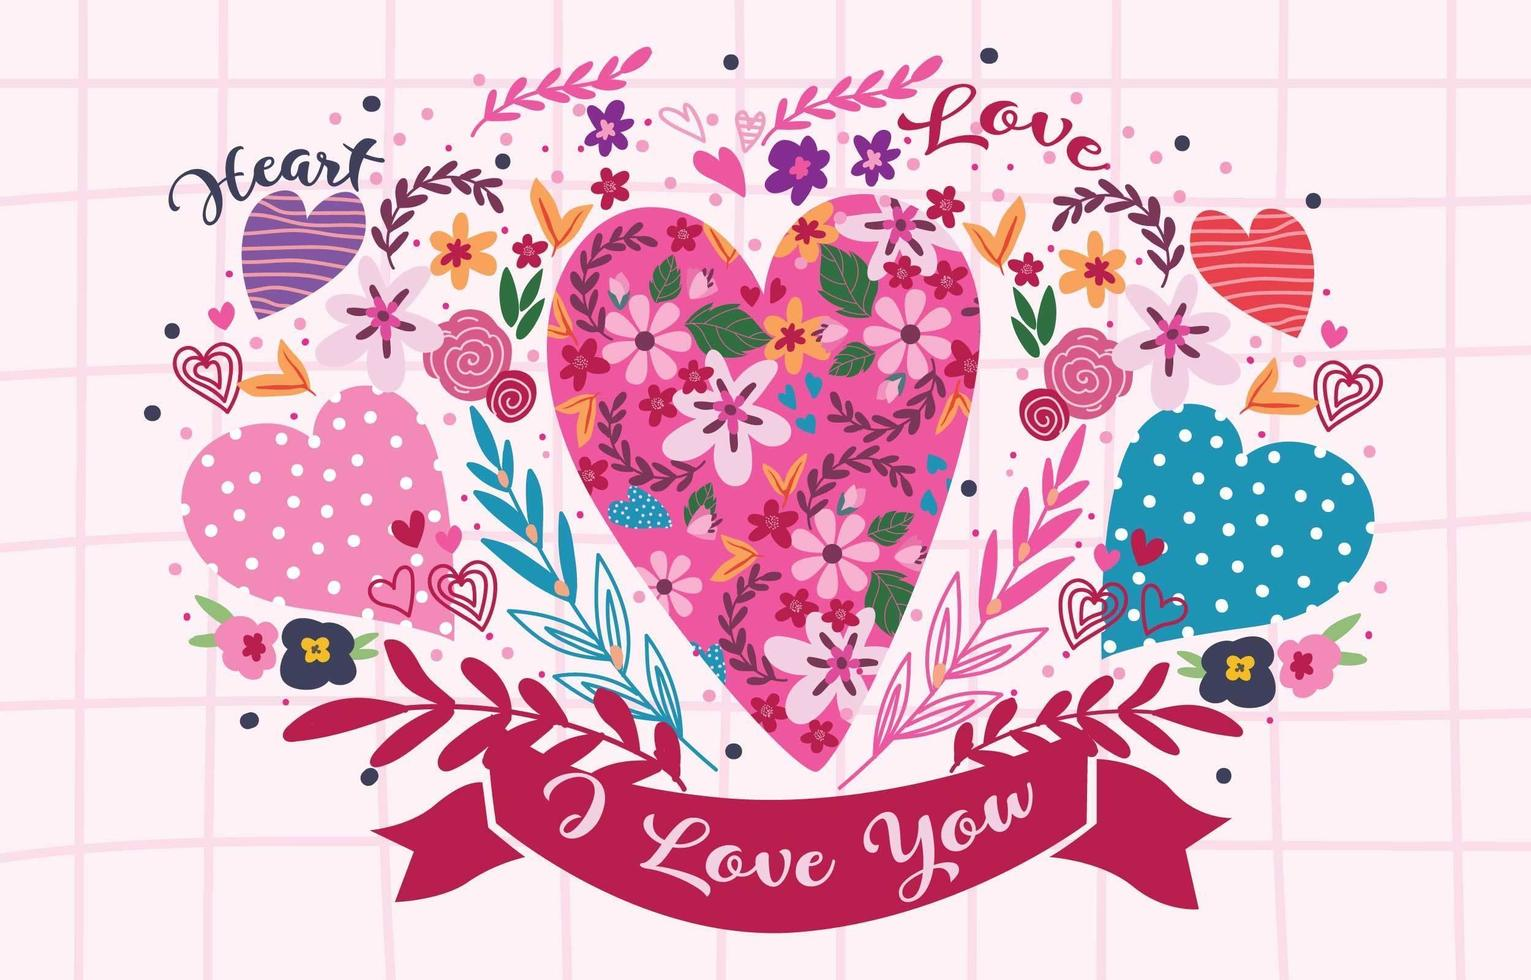 illustrazione del cuore con fiori colorati vettore